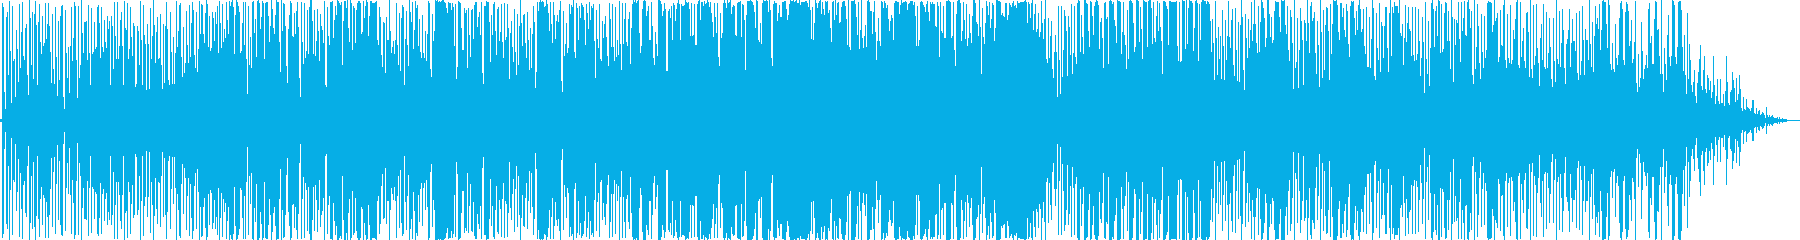 電子。アルペジエーターとシーケンサーの再生済みの波形